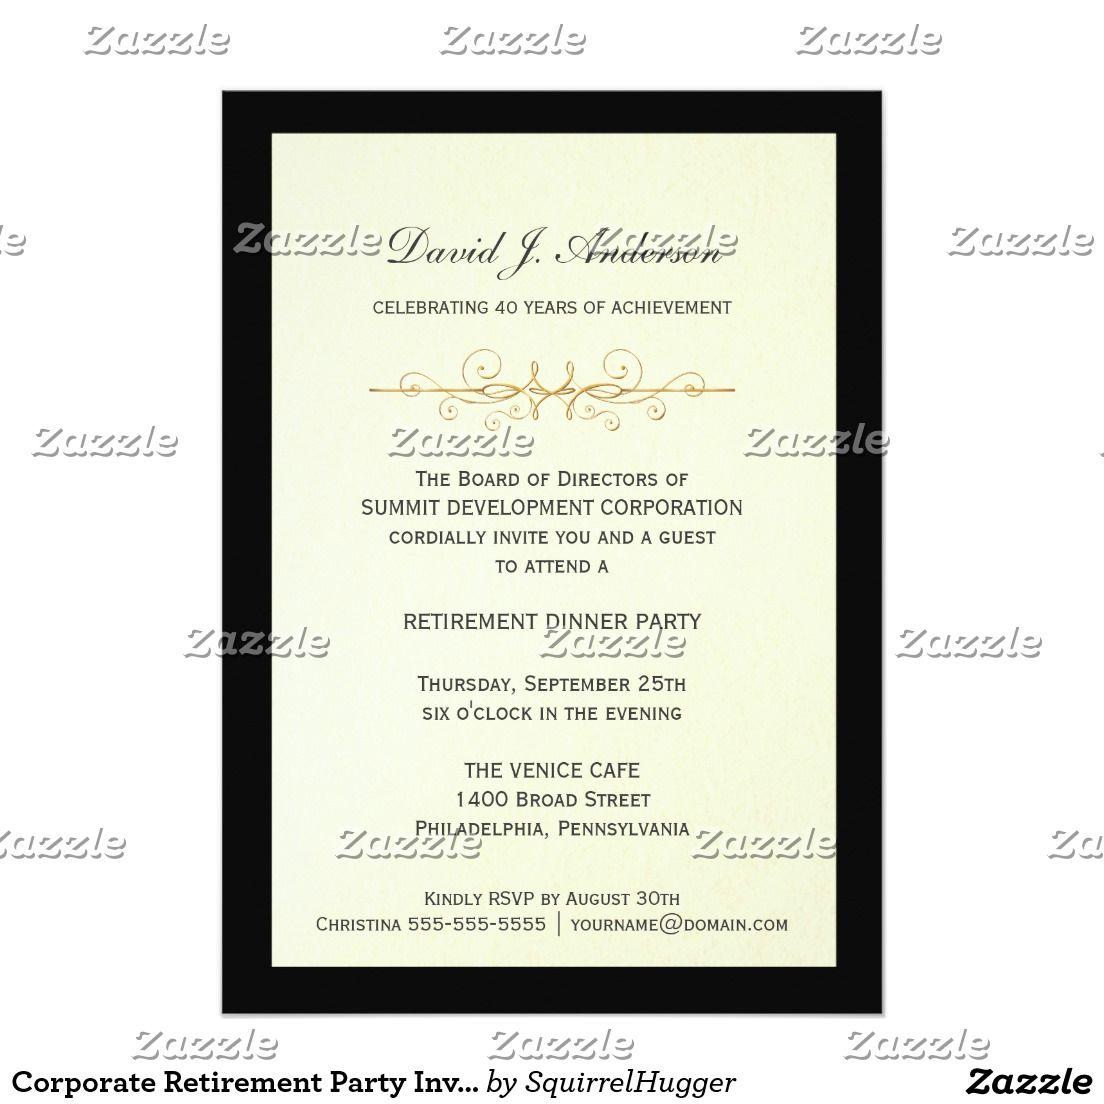 Corporate Retirement Party Invitations Zazzle Com